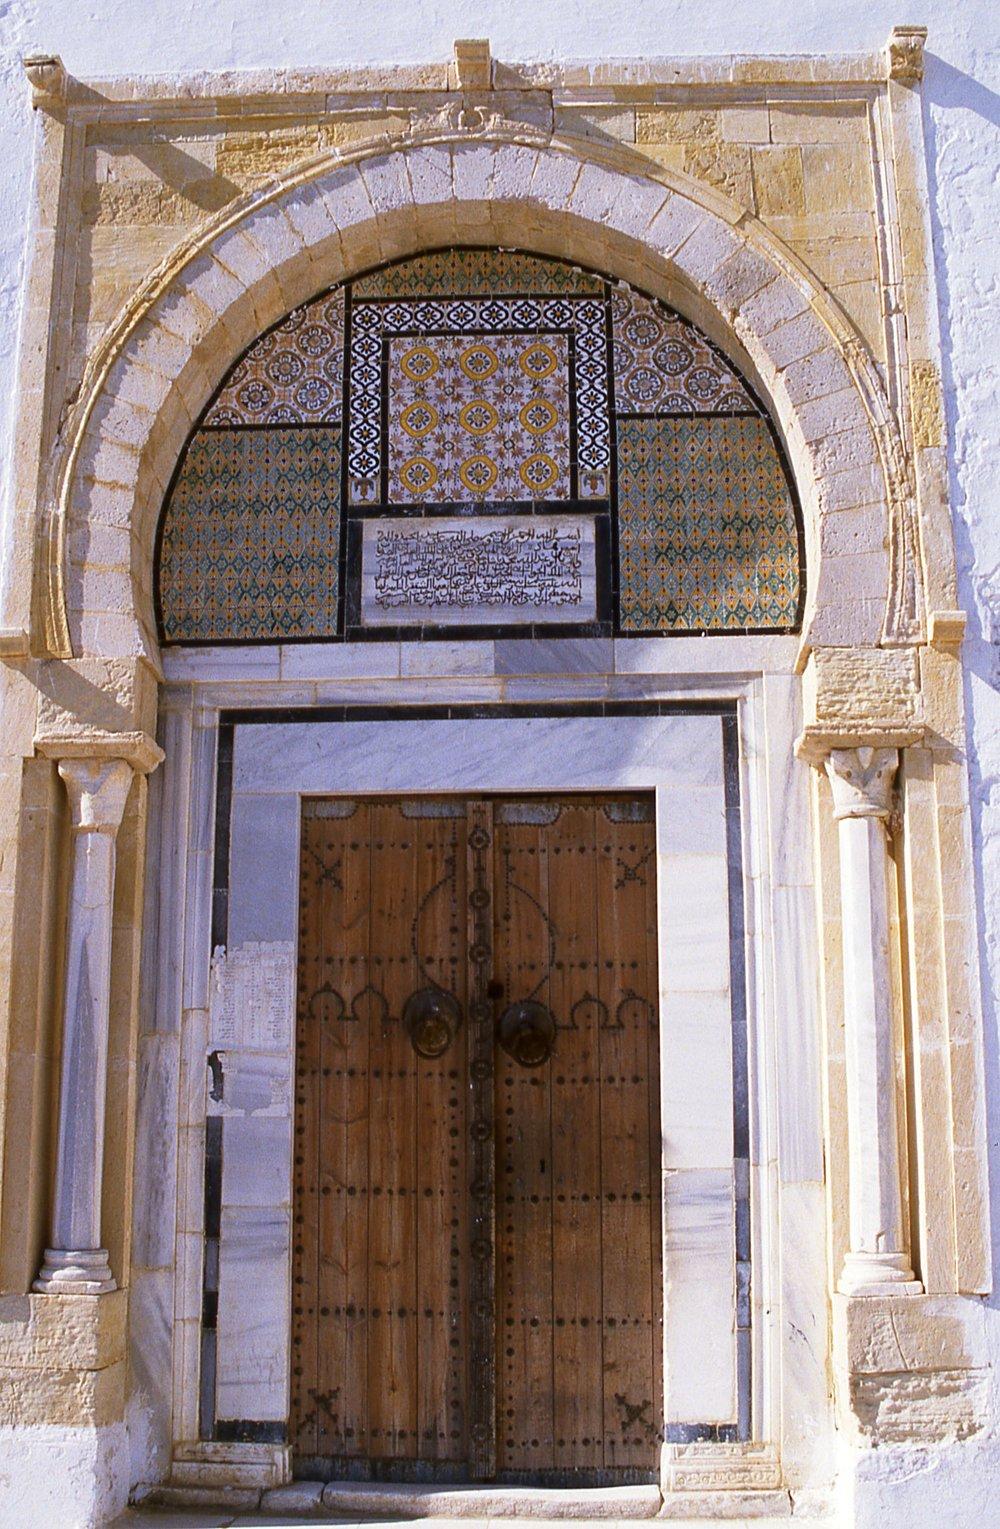 Tunisia | Arabac mosaics | Tunisian door | photo sandrine cohen